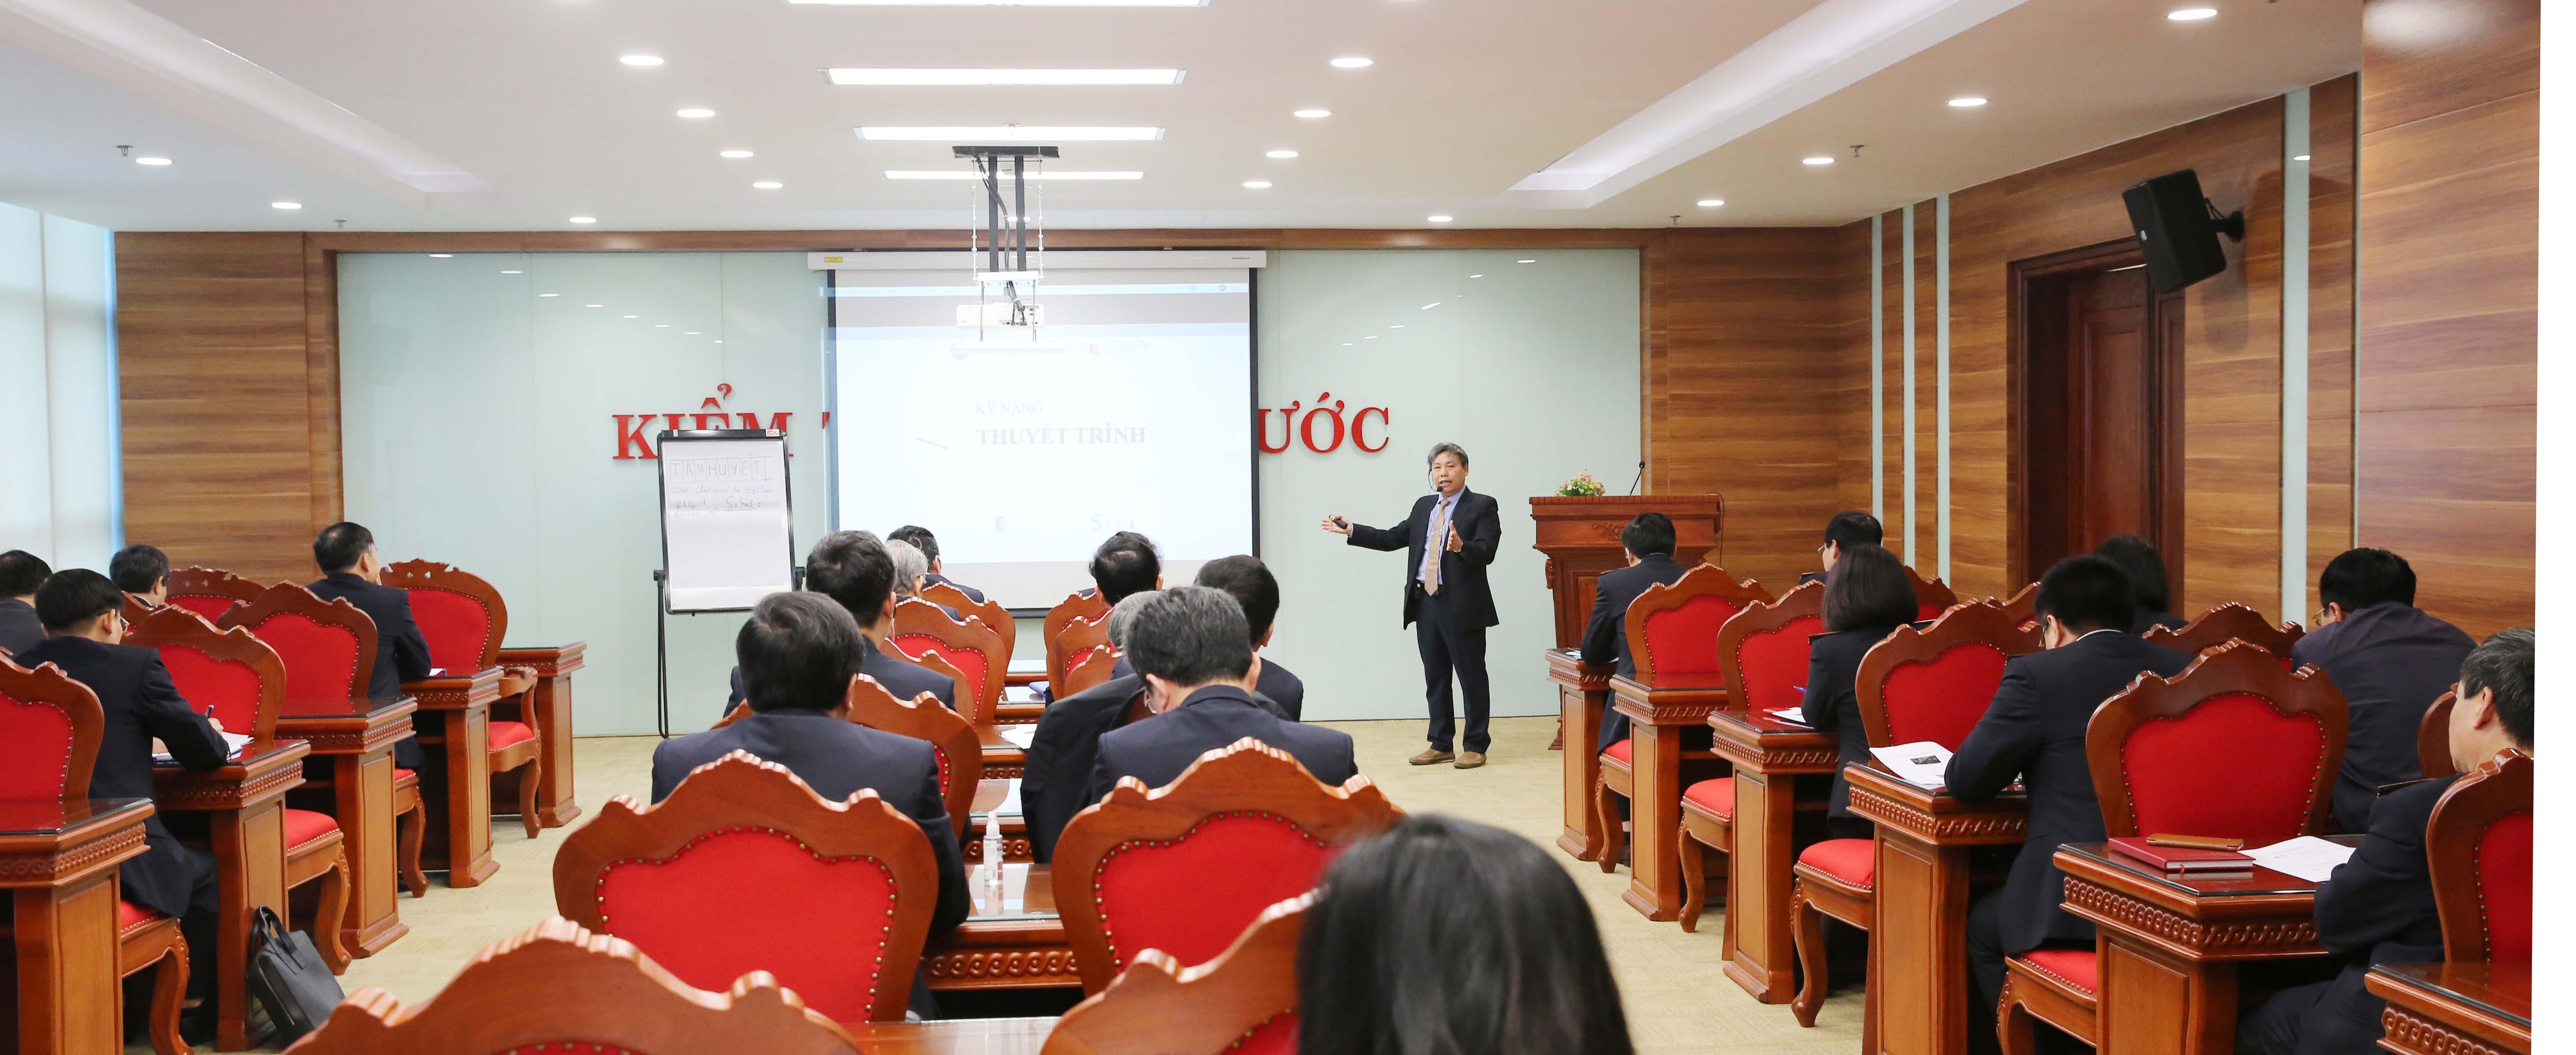 KTNN tổ chức  khai giảng Lớp bồi dưỡng kỹ năng thuyết trình cho lãnh đạo cấp vụ